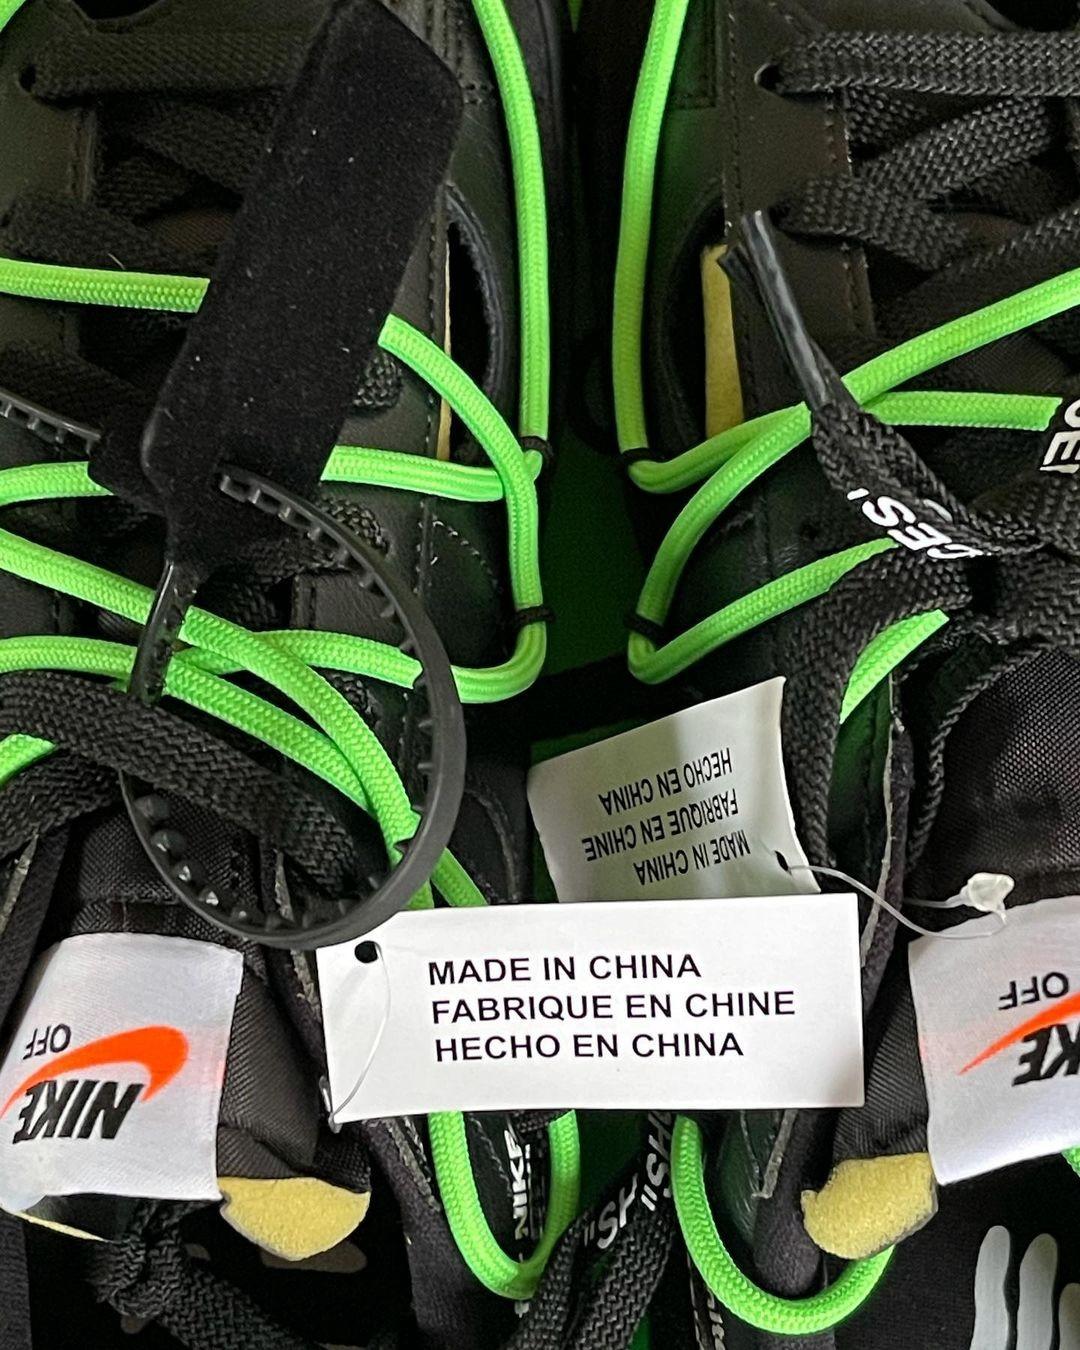 OFF-WHITE,Nike,Blazer Low  今年登场!OW x Blazer 最新实物曝光!网友:这冻脚吗?